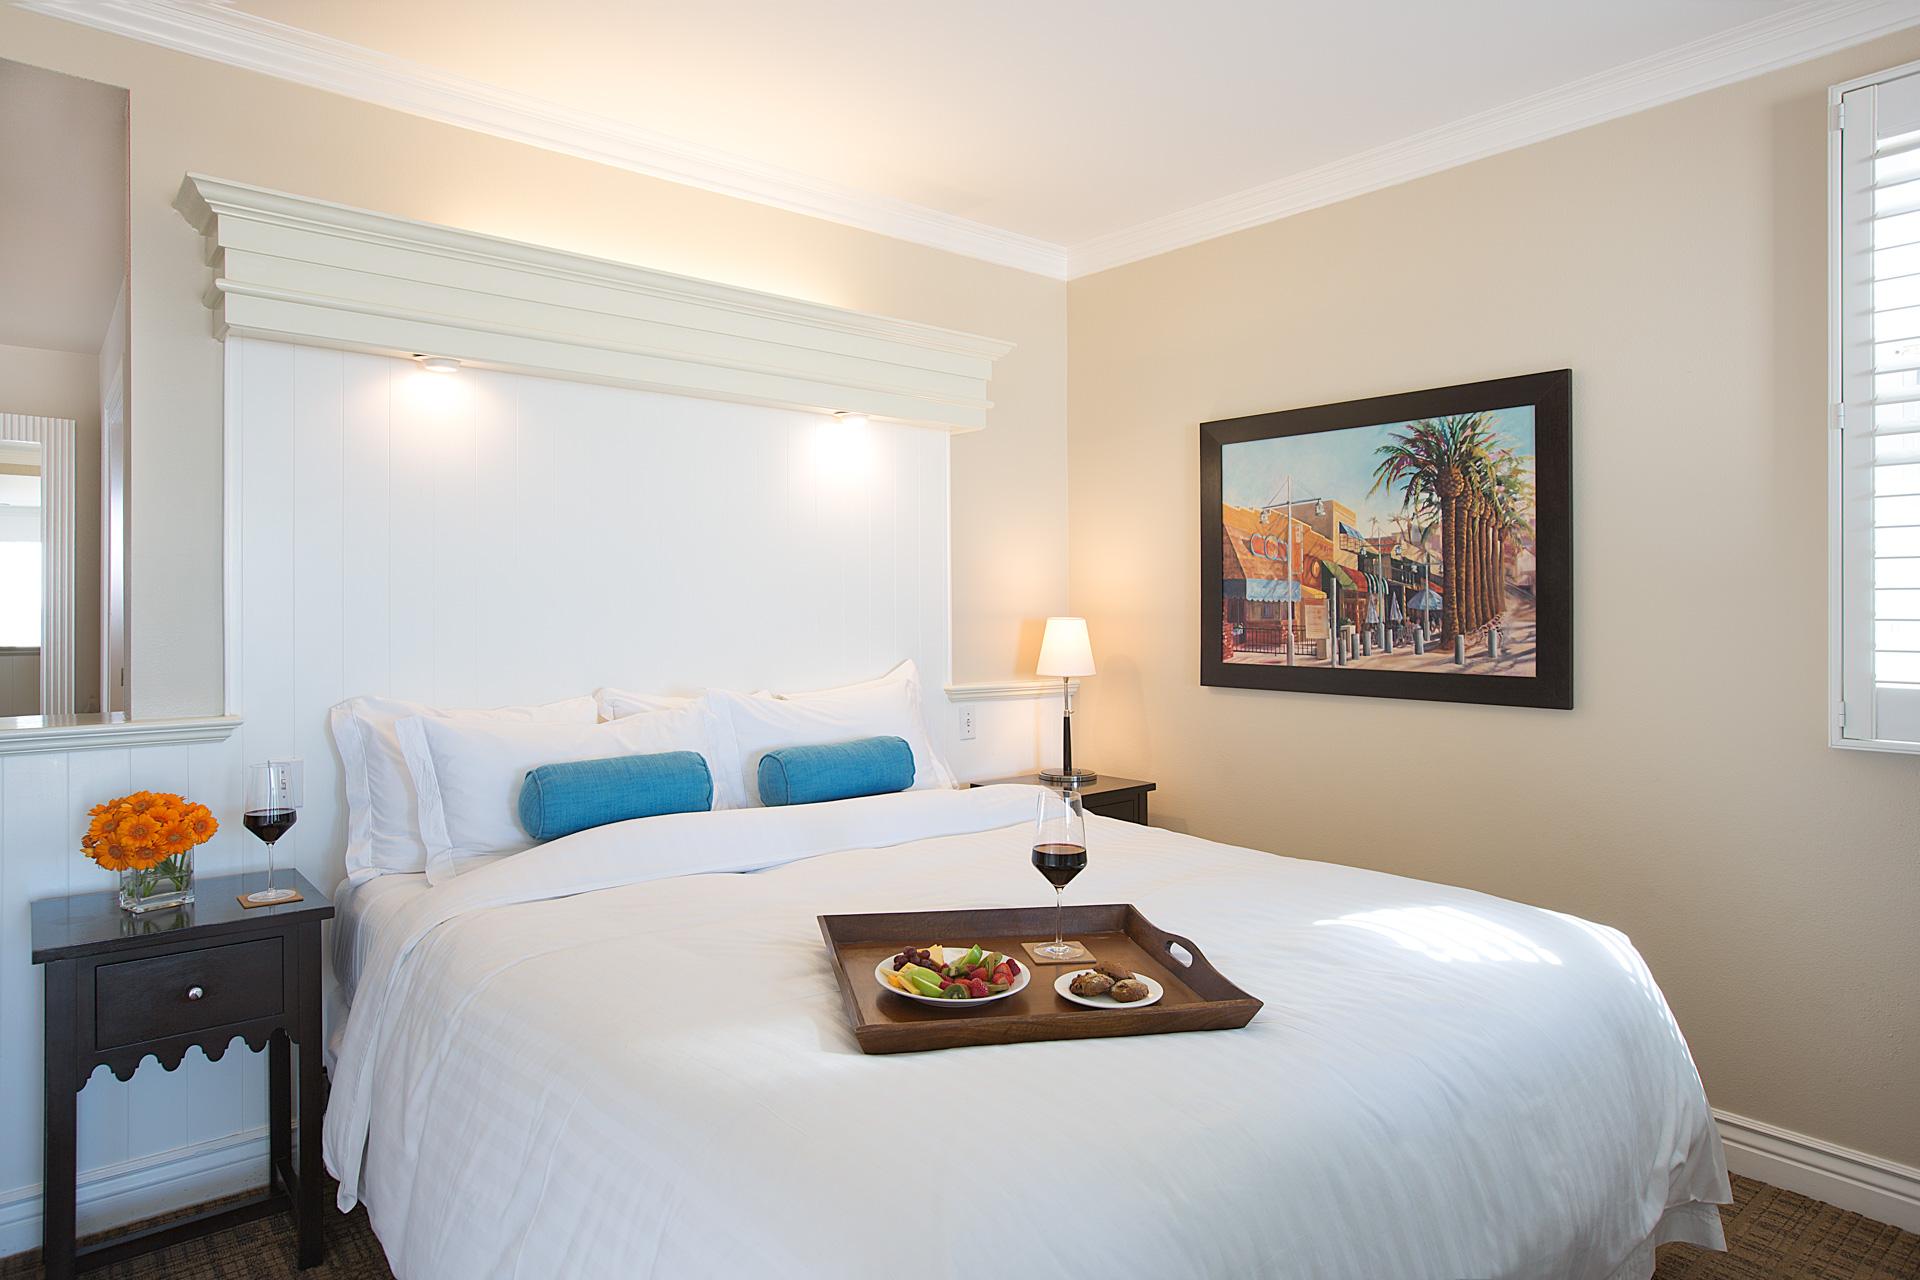 hotels_11